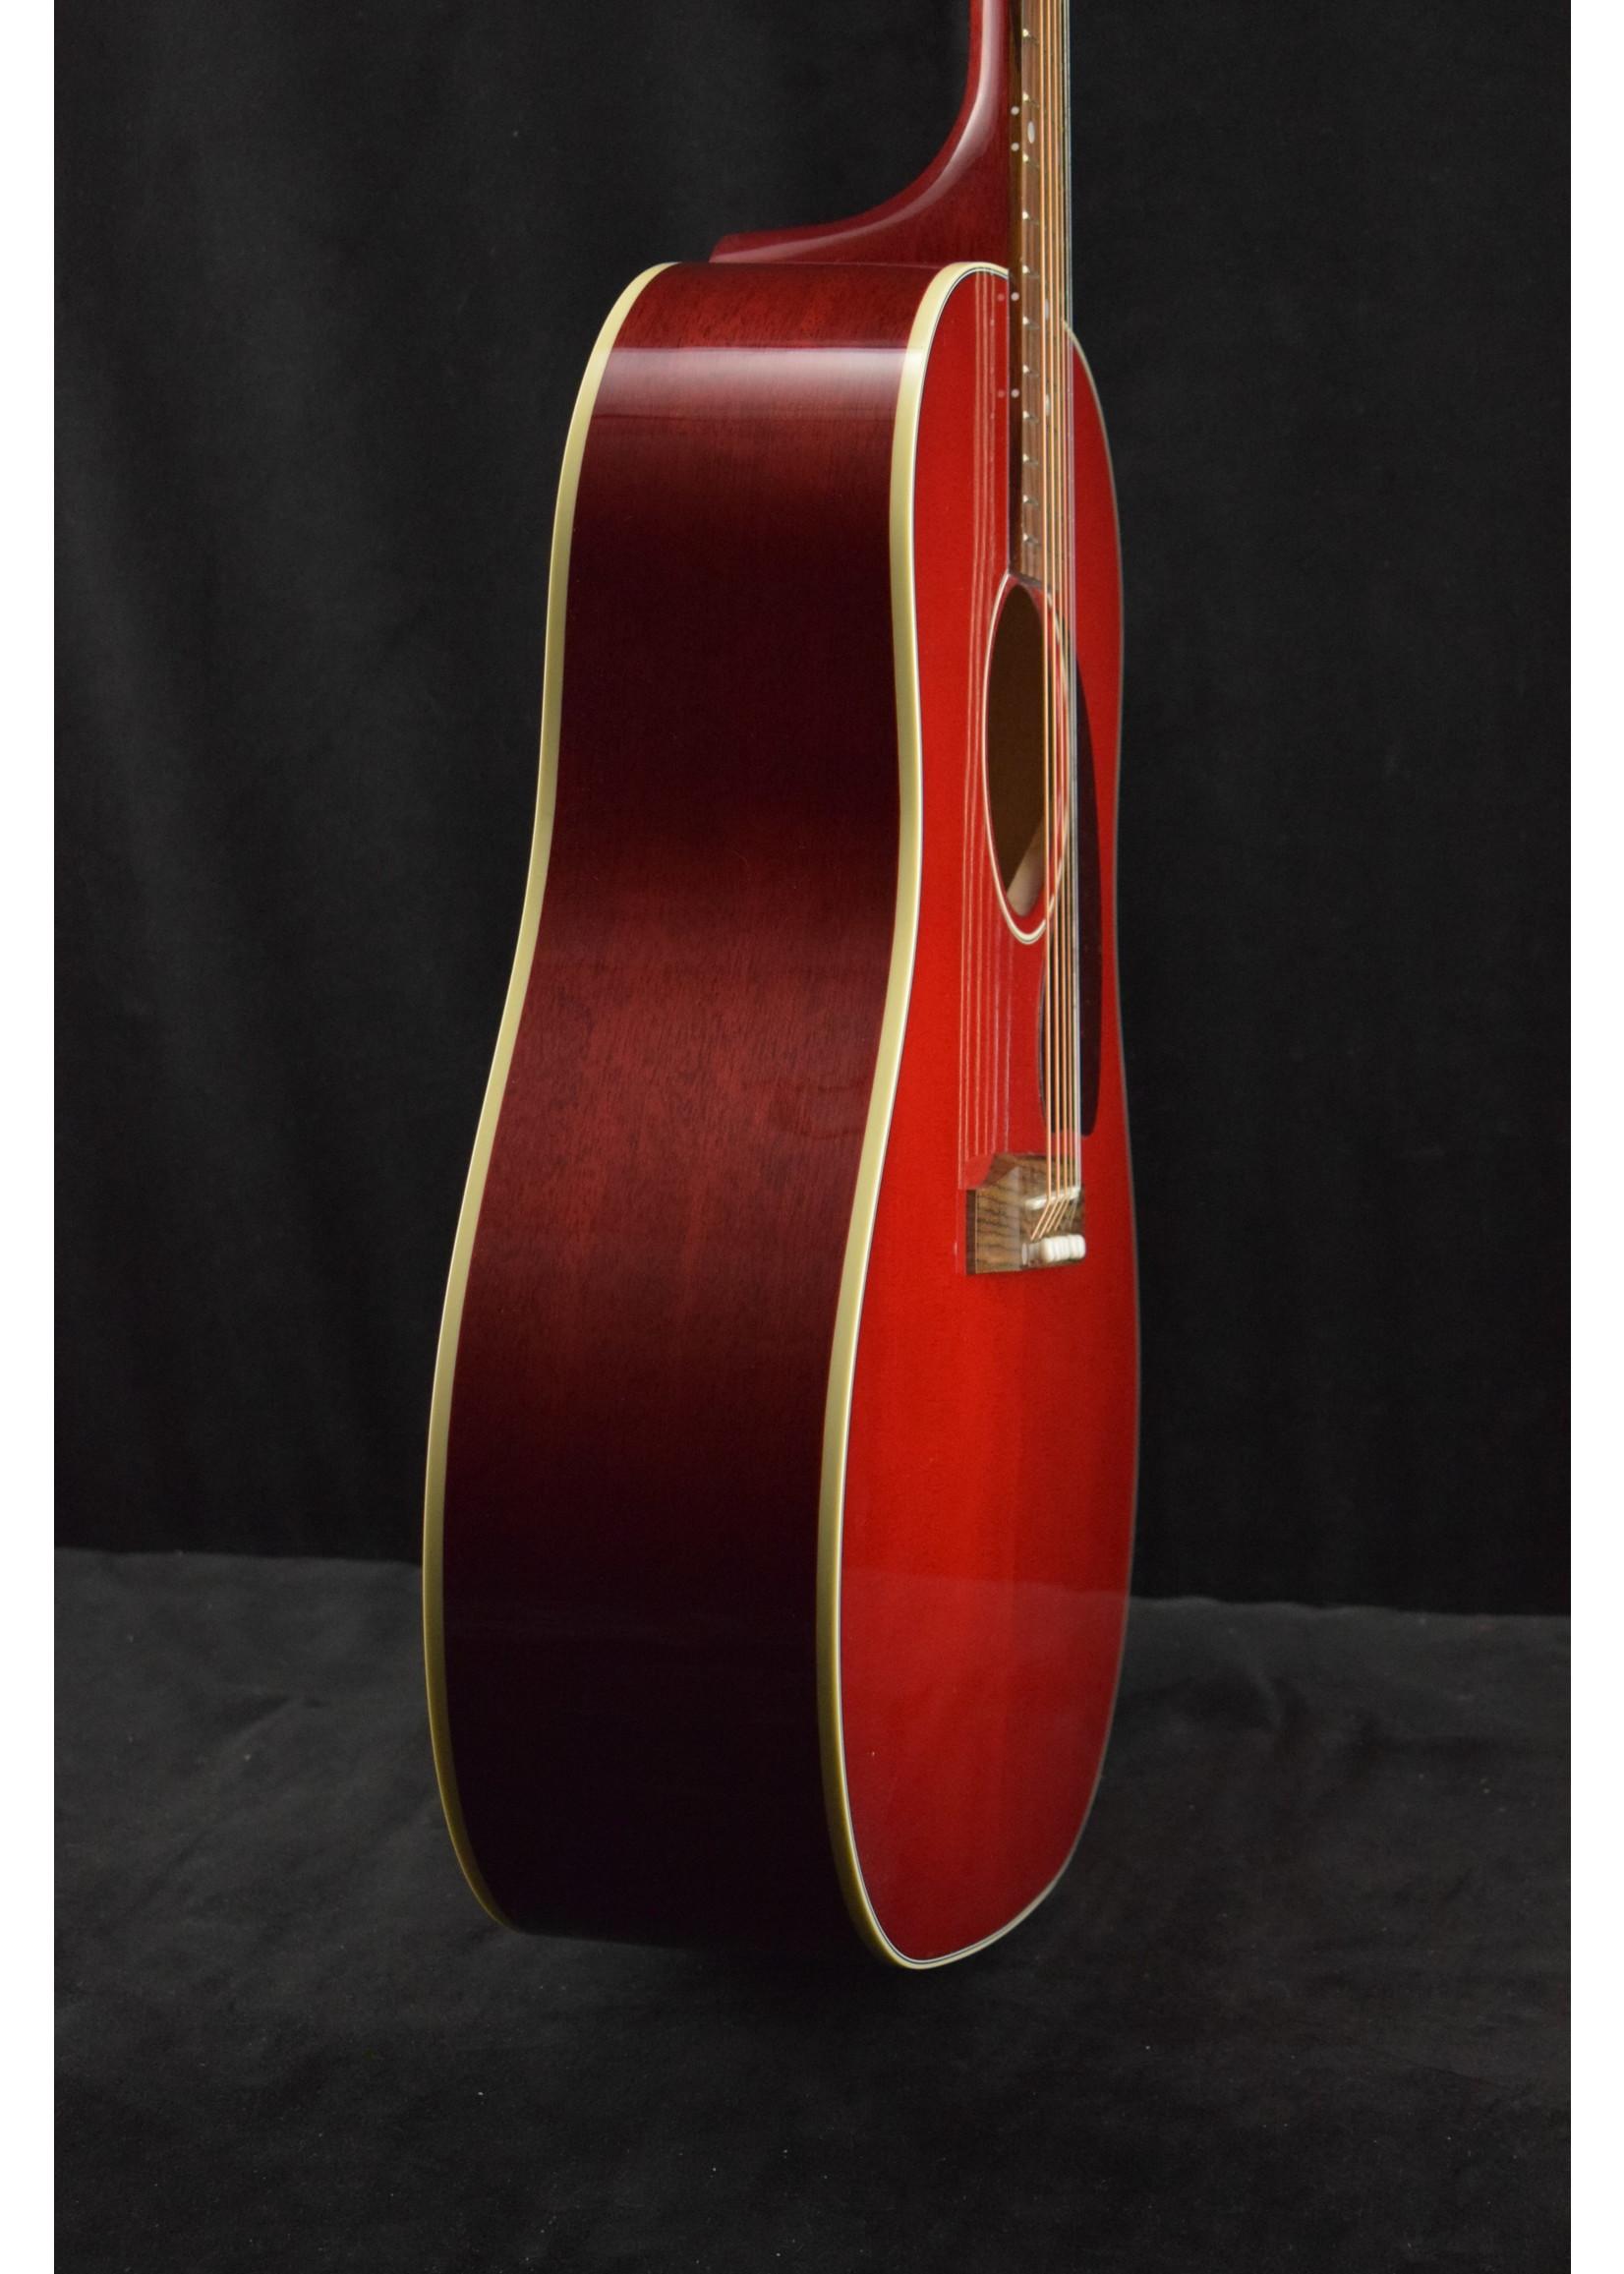 Gibson Gibson J-45 Standard Cherry